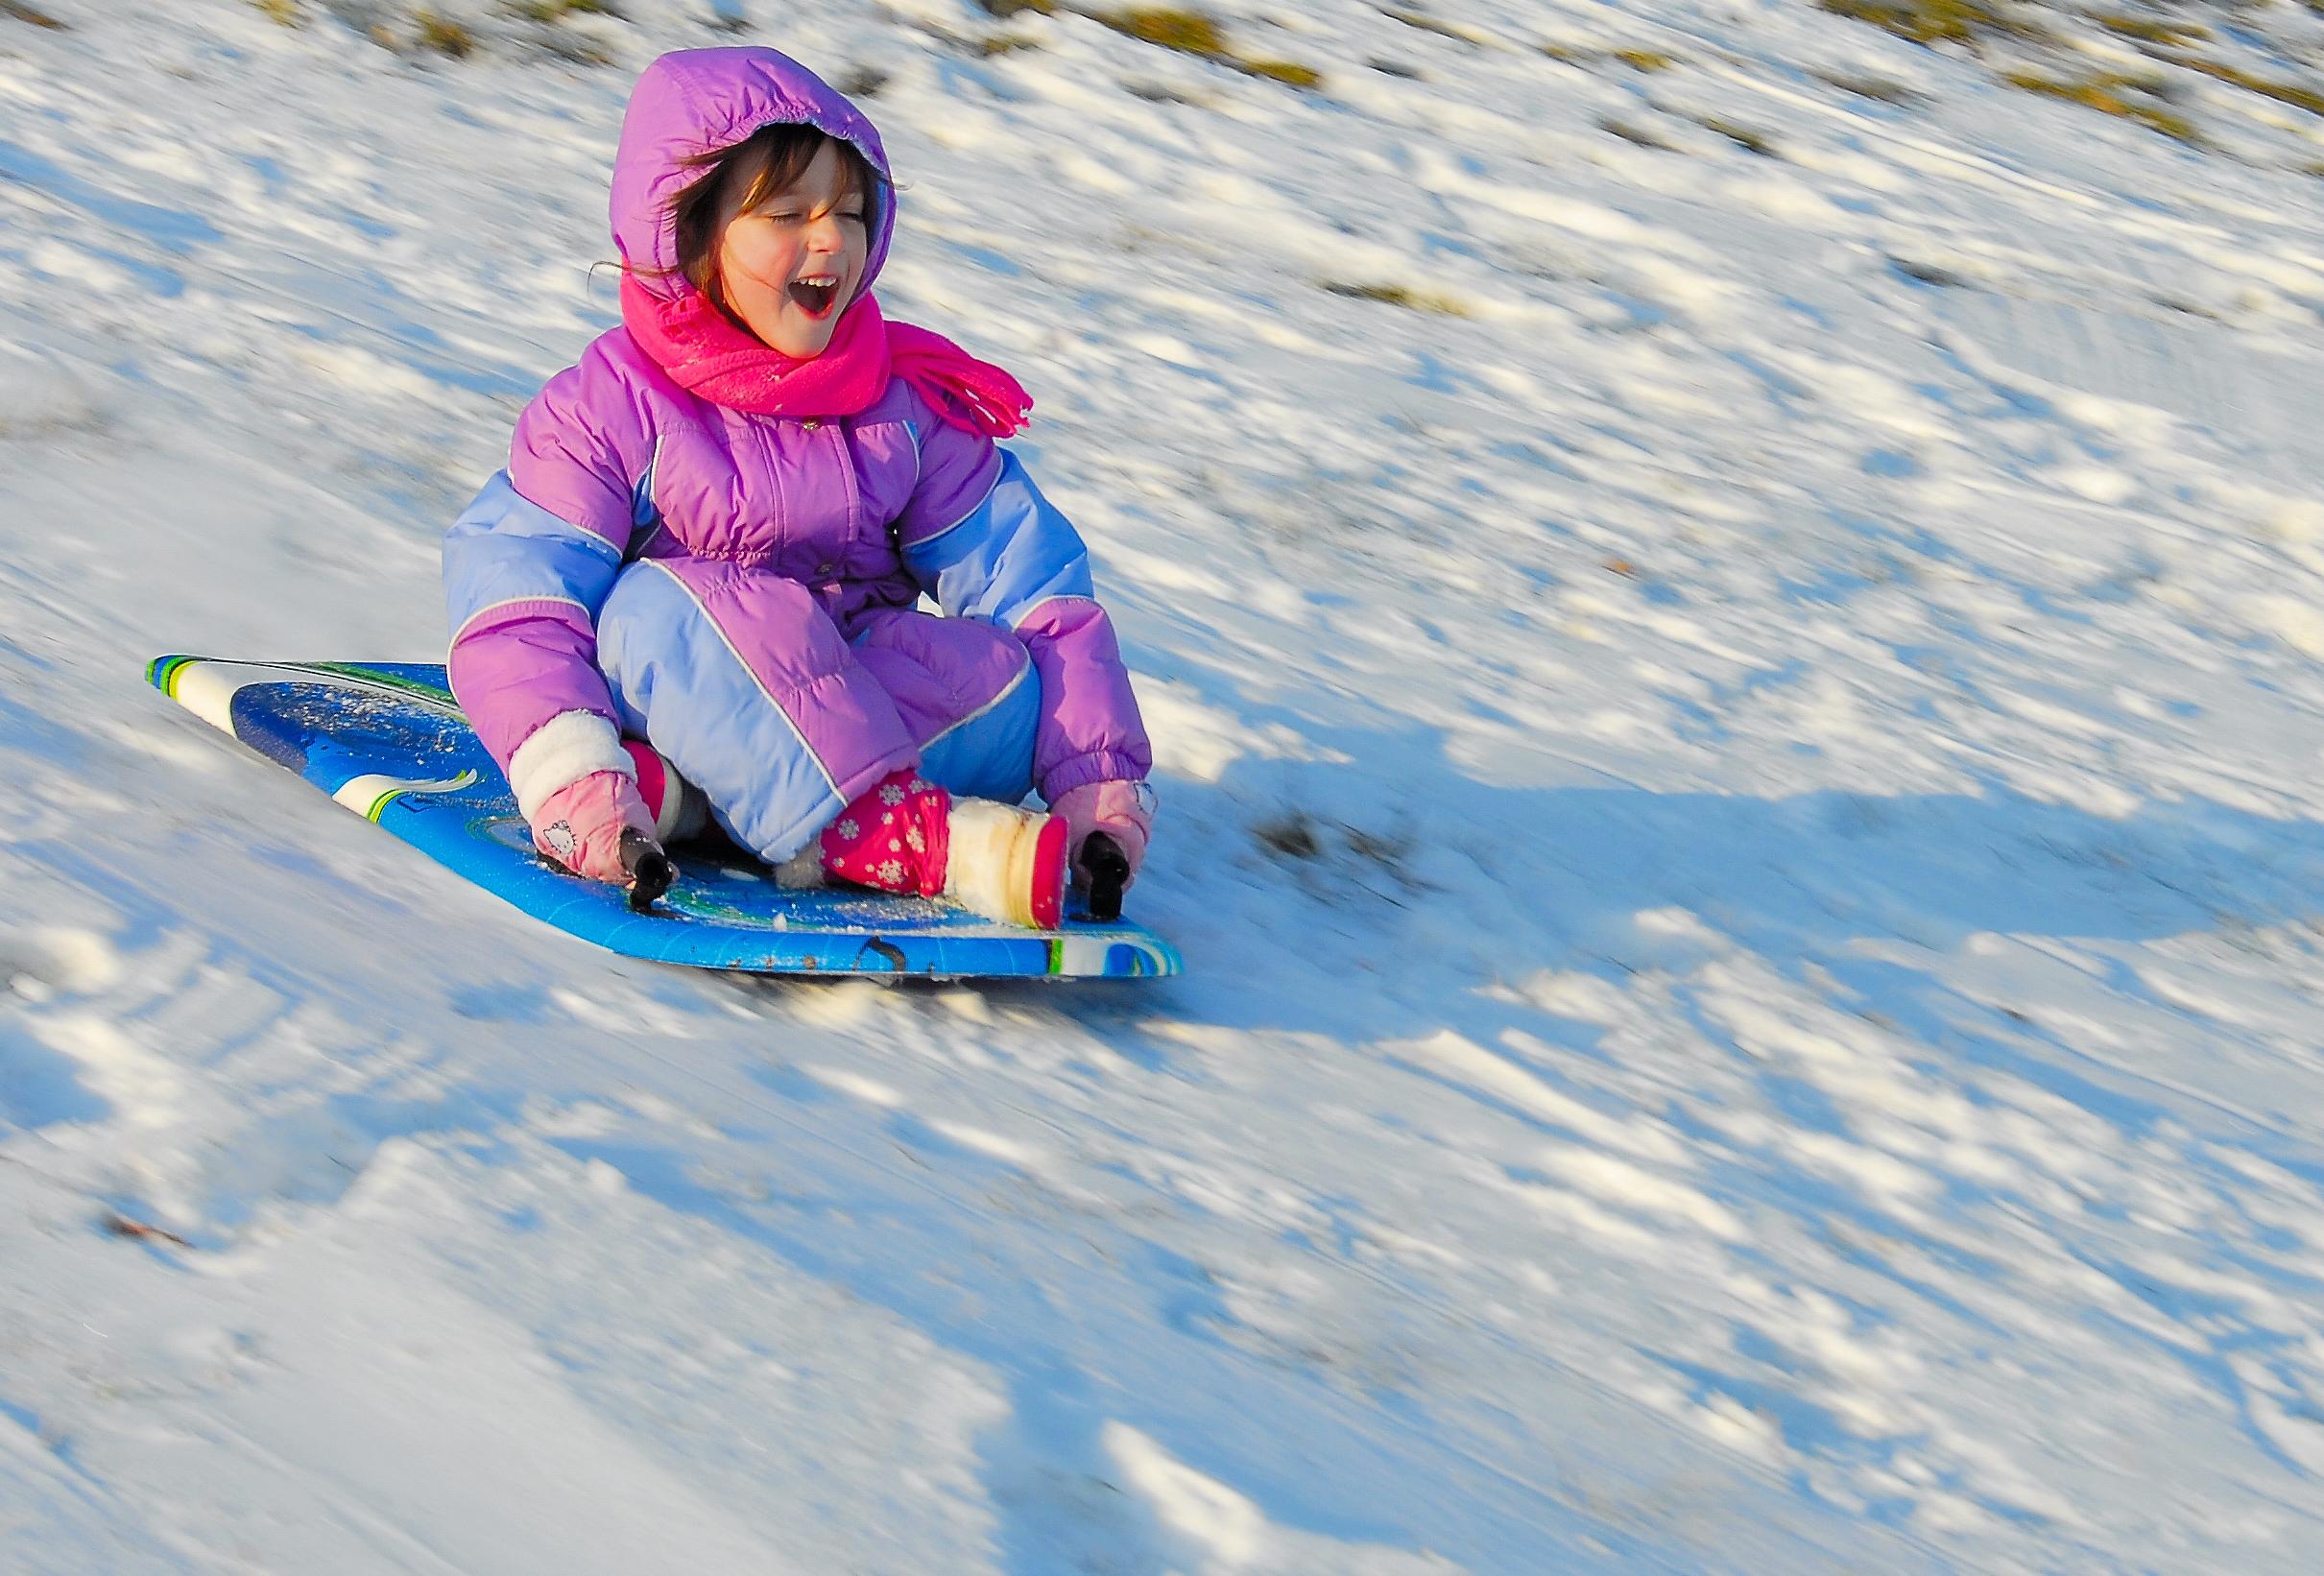 Urlaub mit kindern im winter